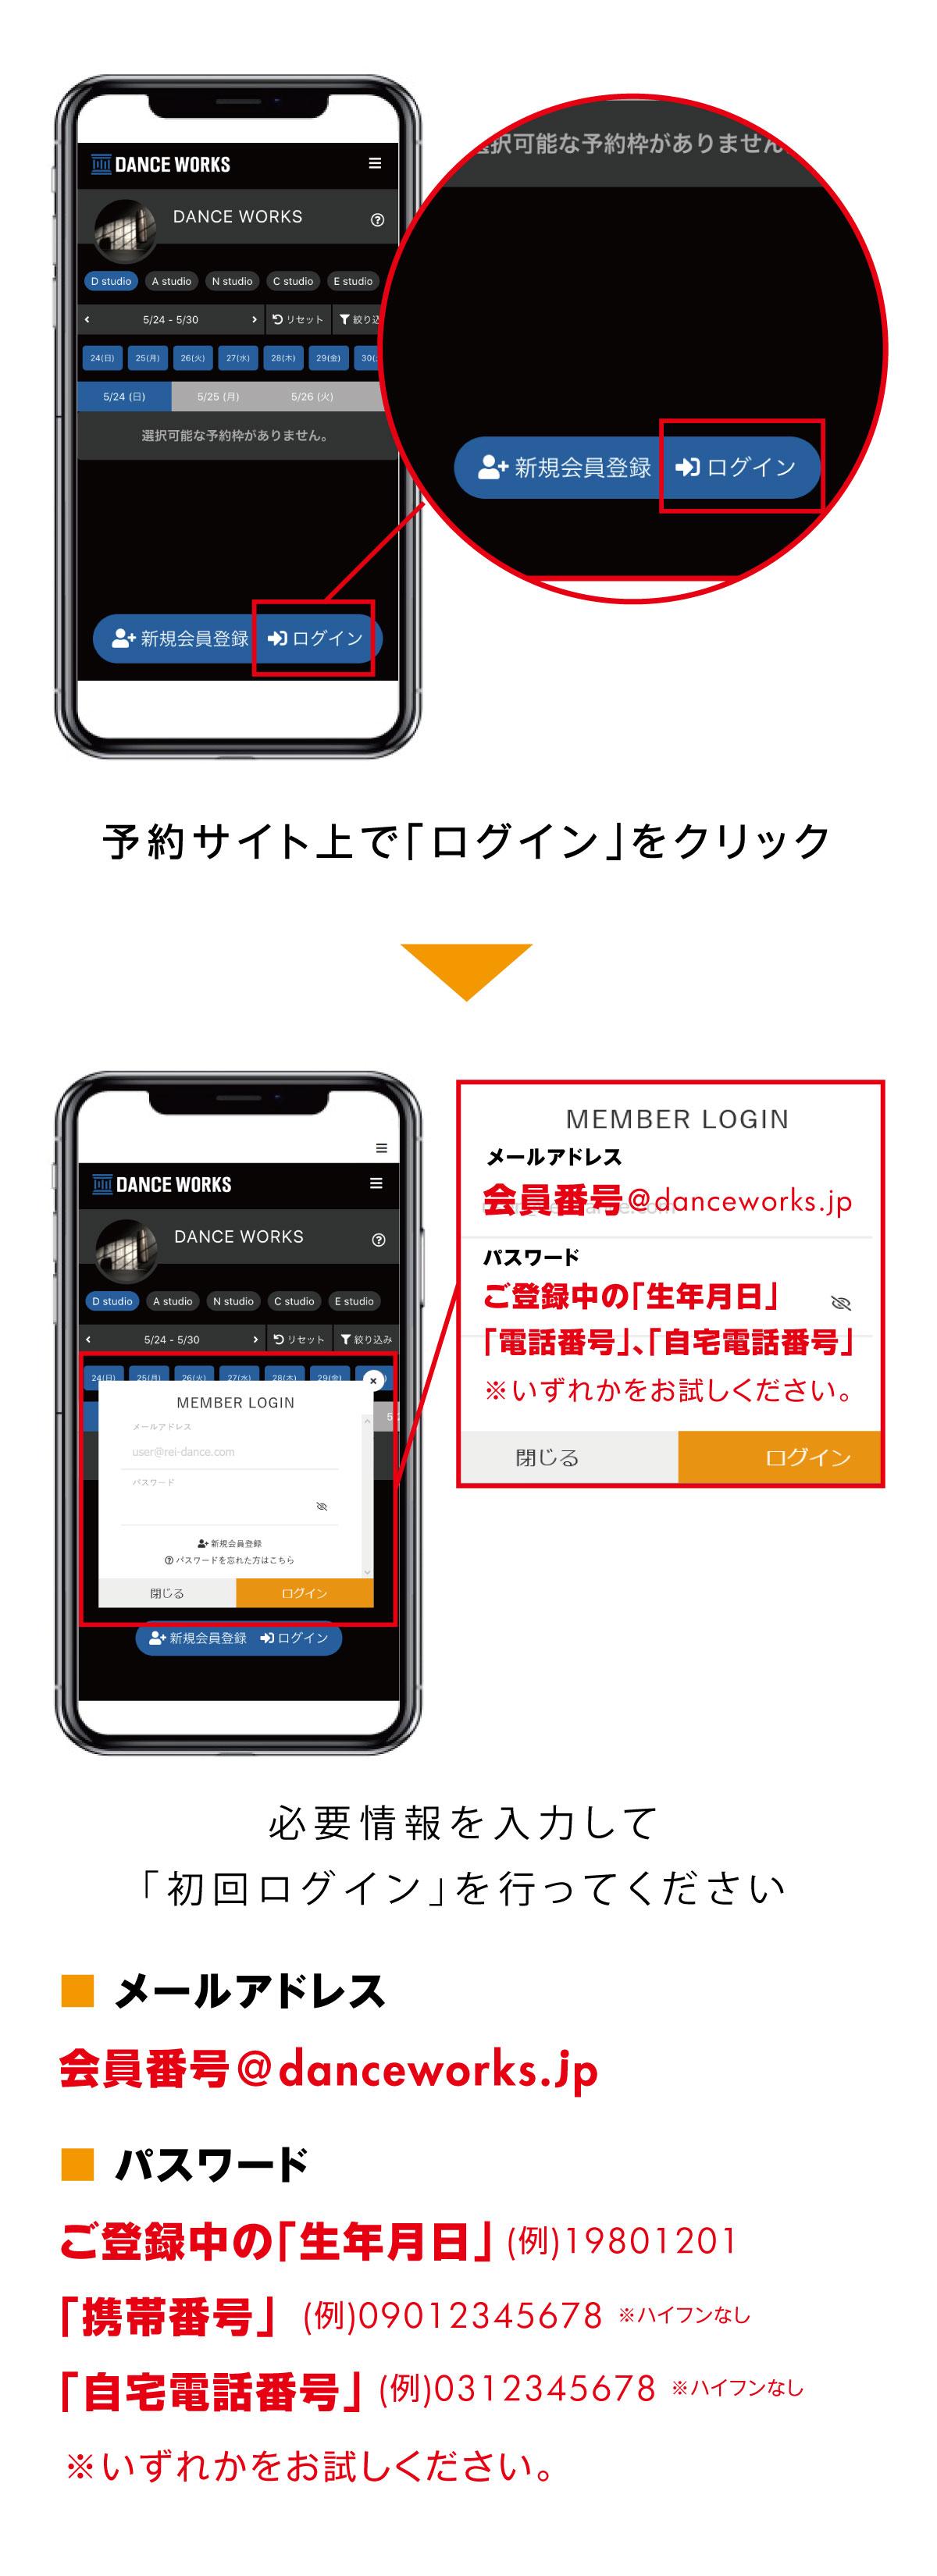 info_02works